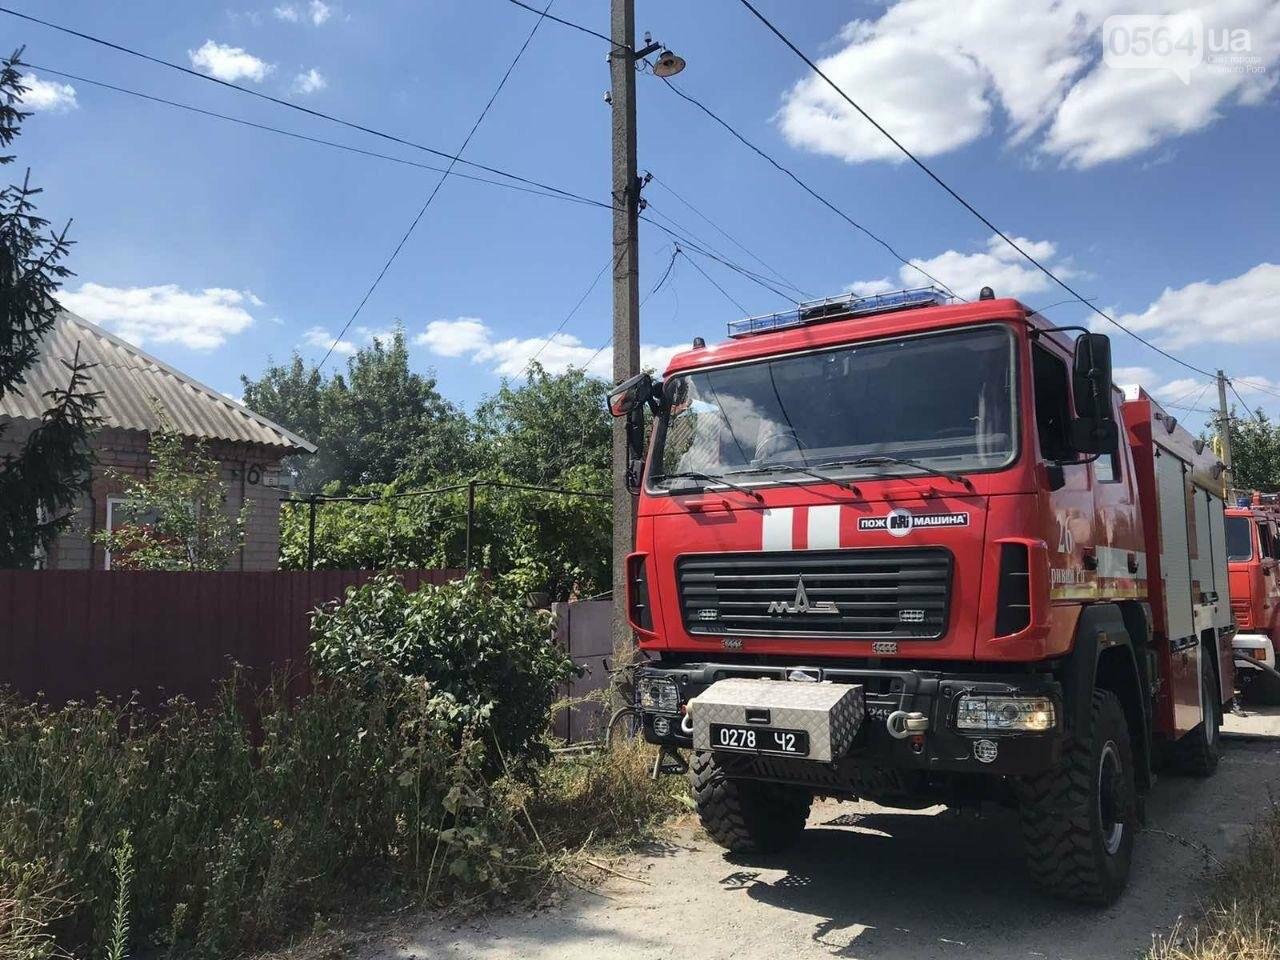 Из горящего дома криворожские спасатели эвакуировали 89-летнюю женщину, фото-1